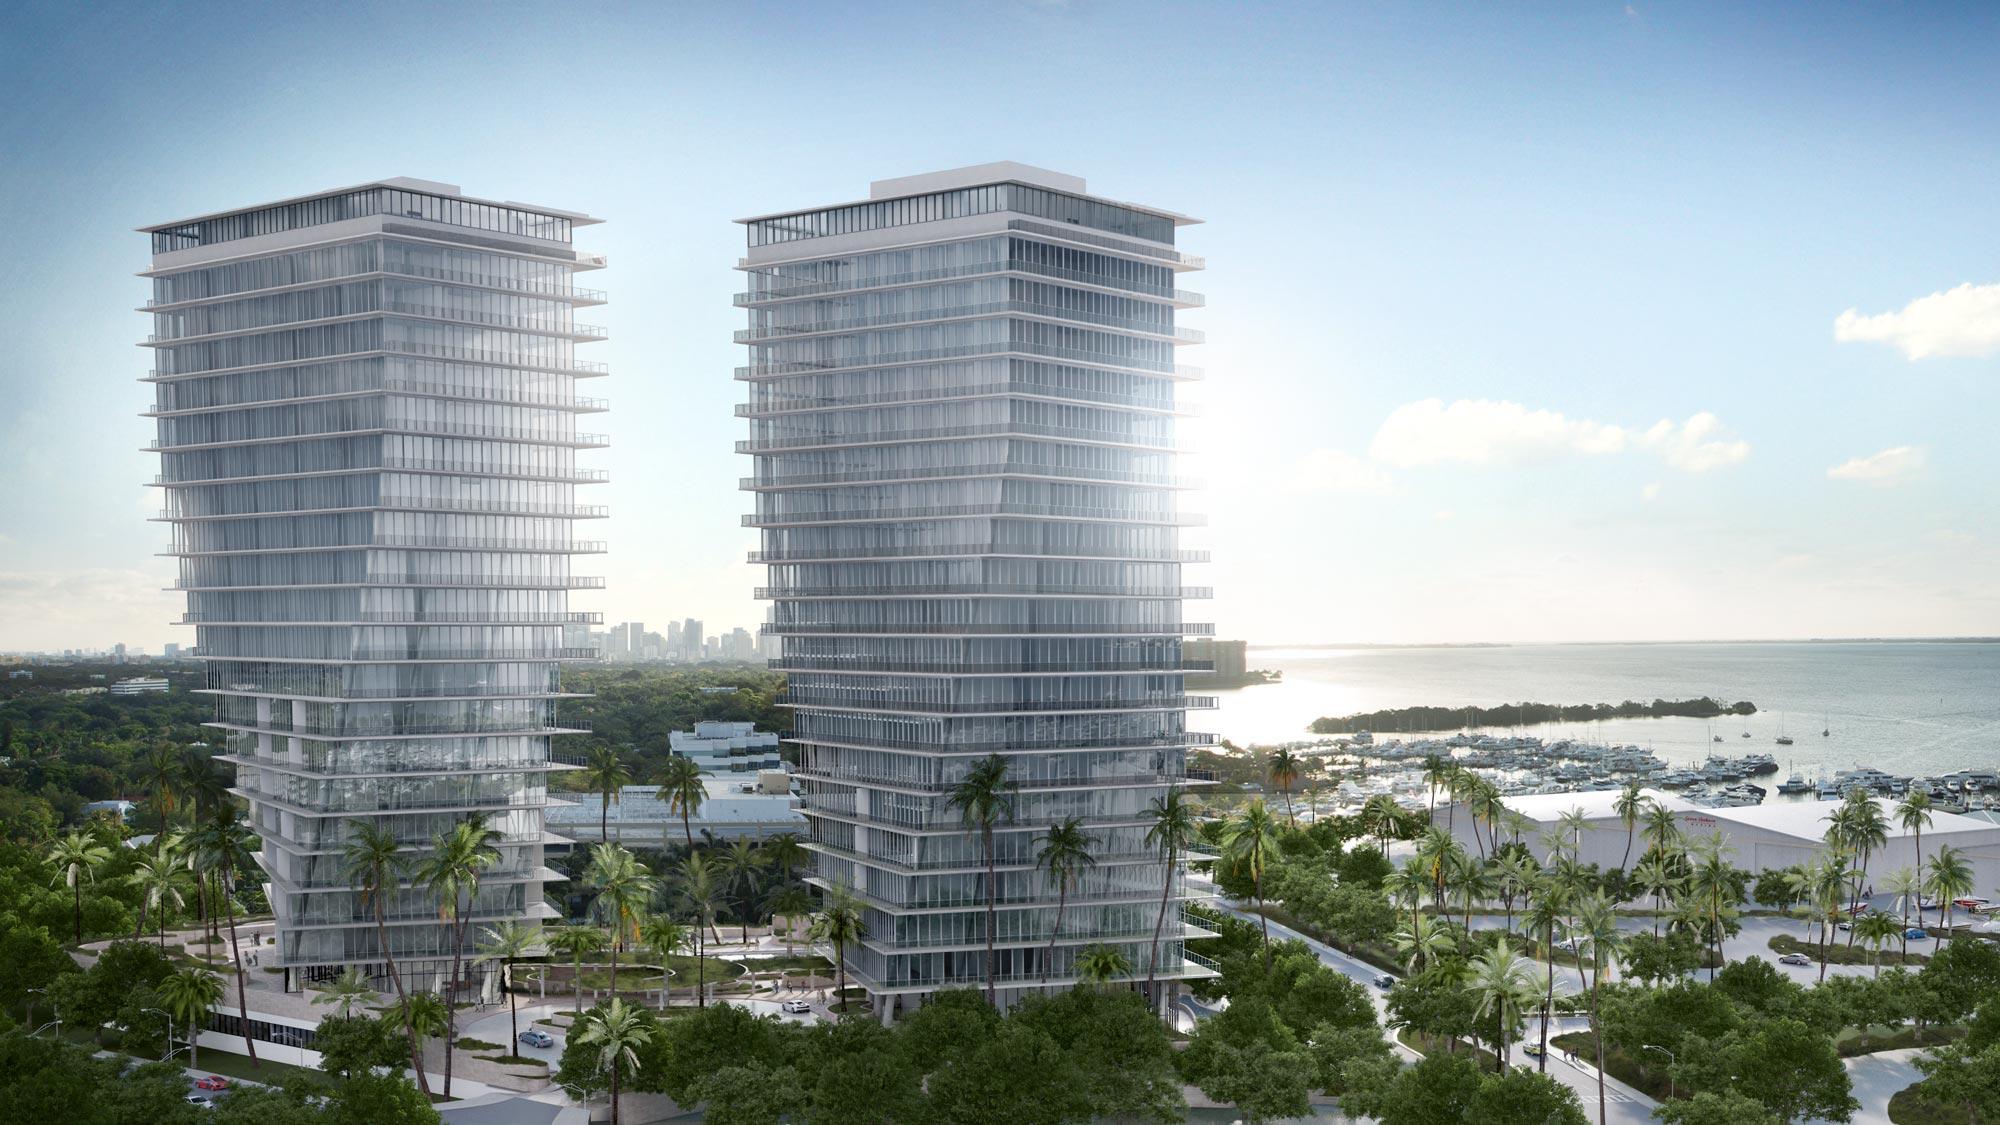 Miami Dade County Building Contact